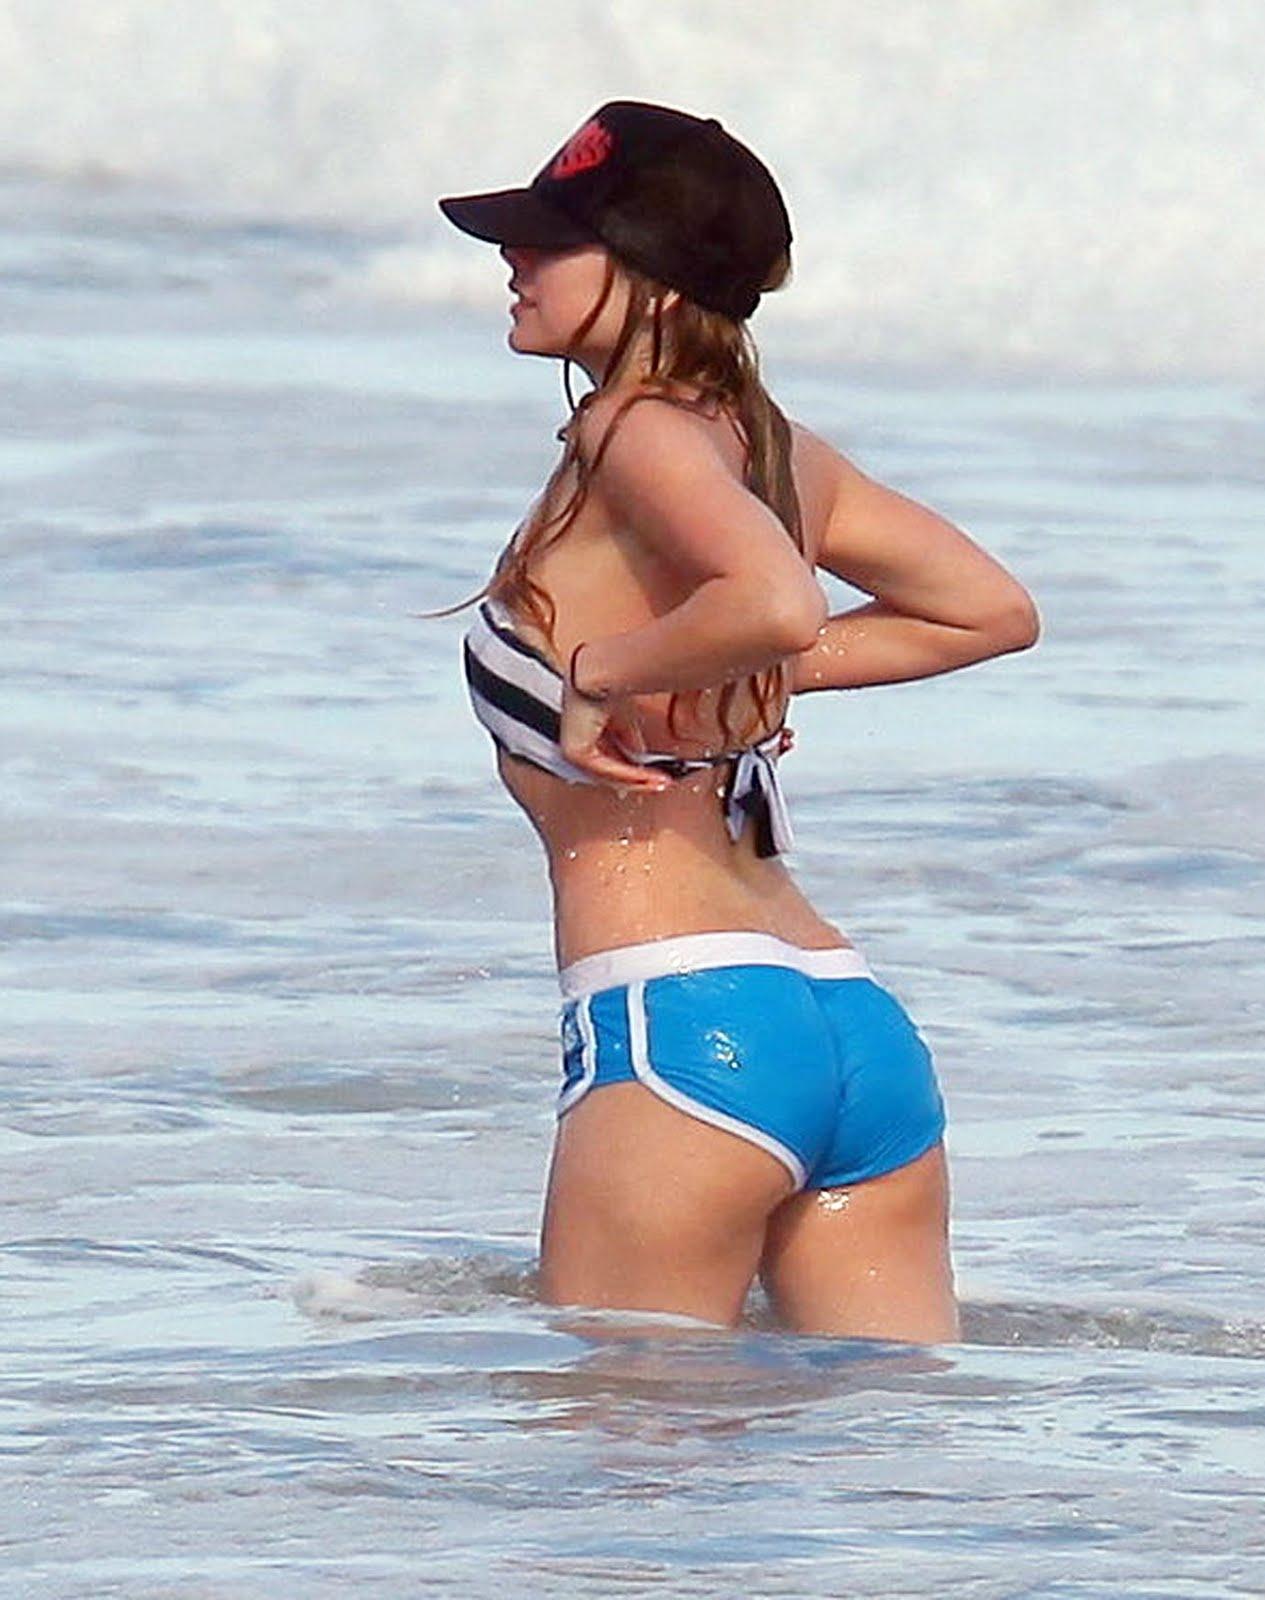 http://2.bp.blogspot.com/_niAq2f3R7as/TIu9bV1fO7I/AAAAAAAABoc/bZveW715sfE/s1600/avril-lavigne-nipslip-candids-at-a-beach-in-malibu-nsfw-04.jpg